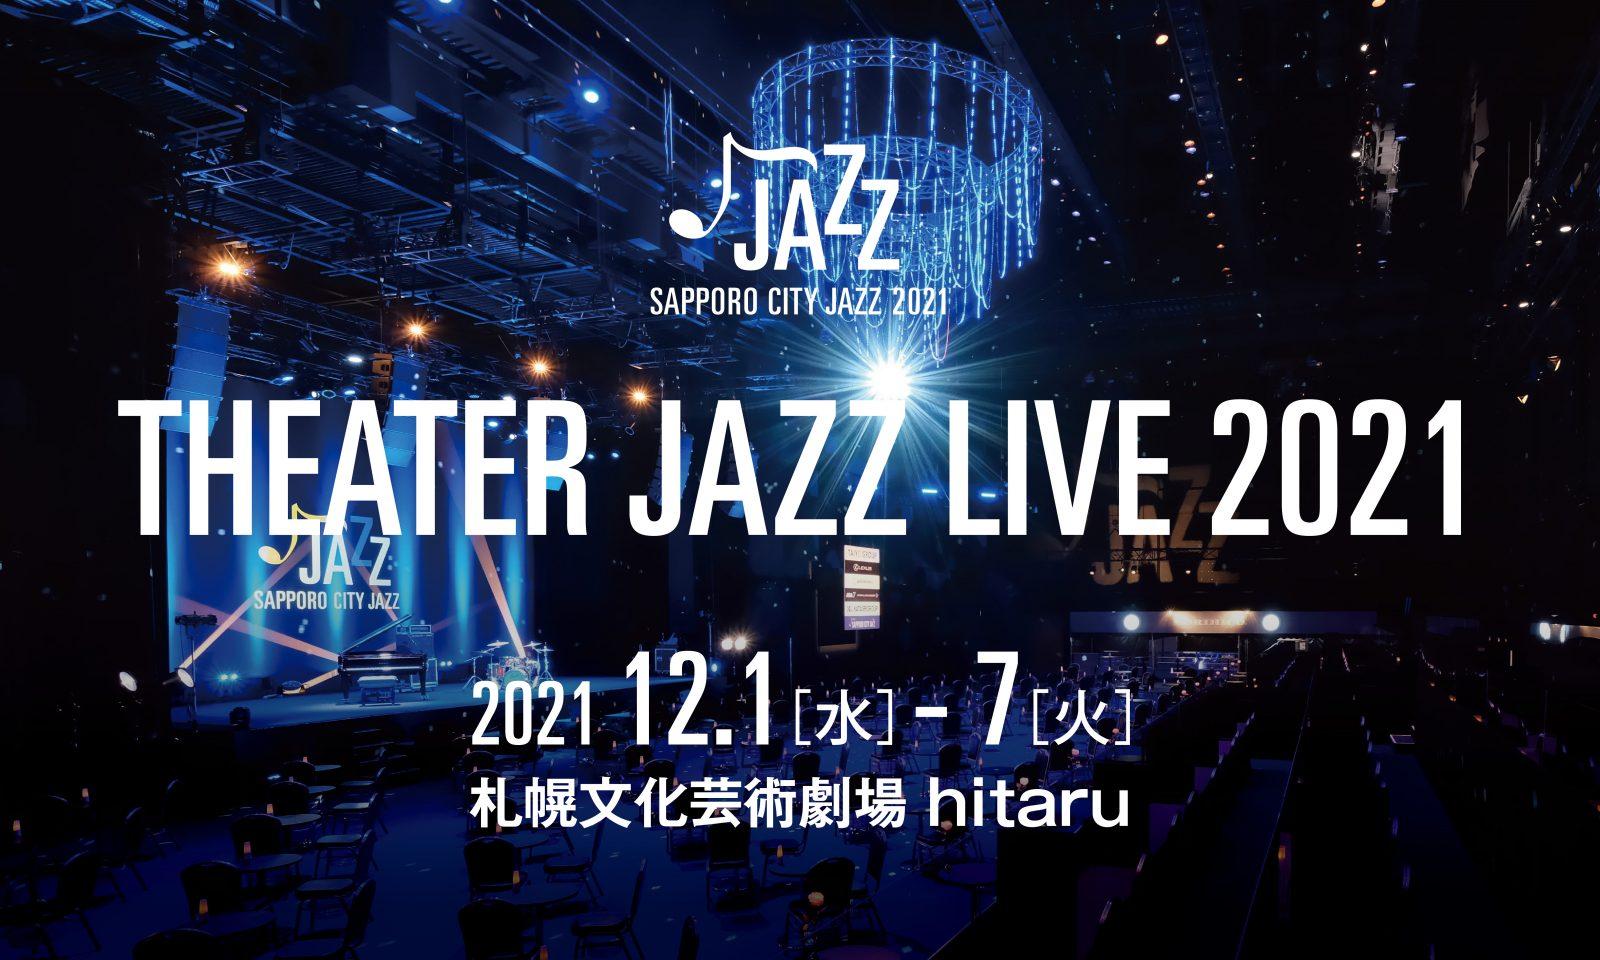 シアタージャズライブ2021